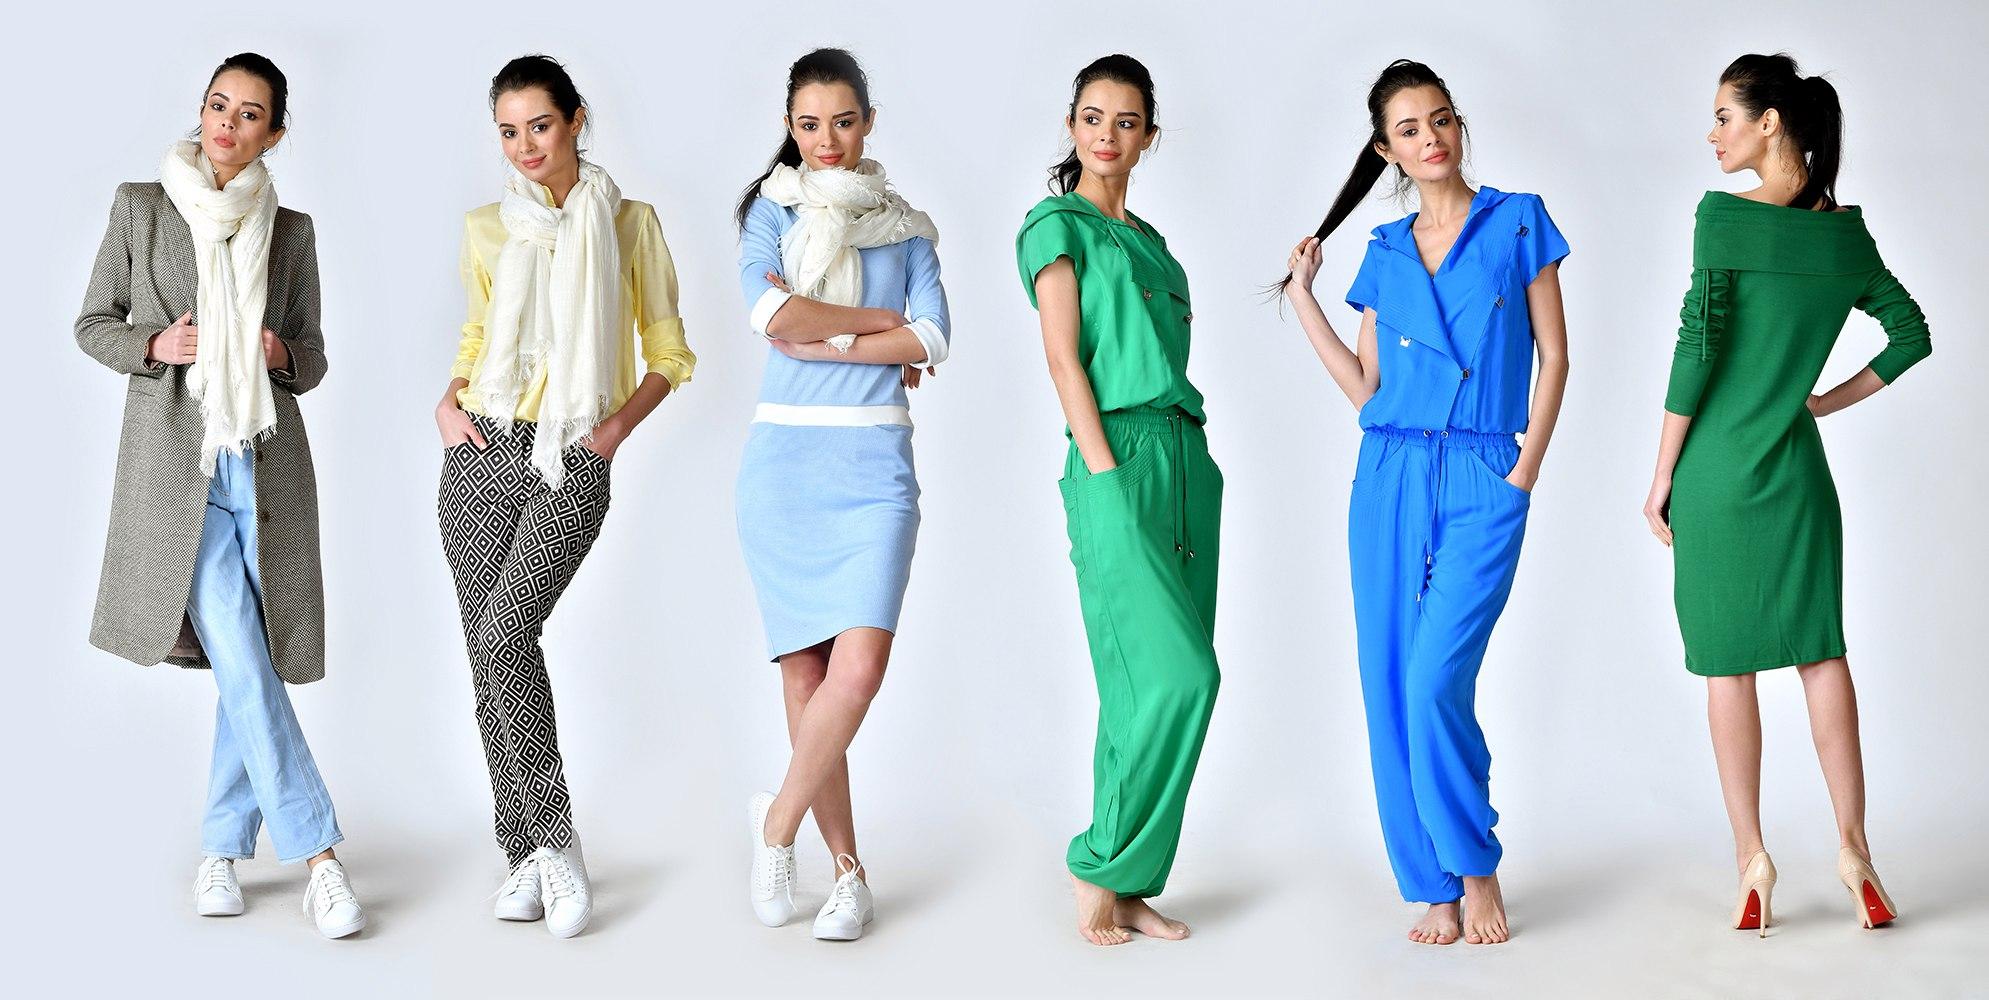 фотомодель для каталога одежды вакансии спб